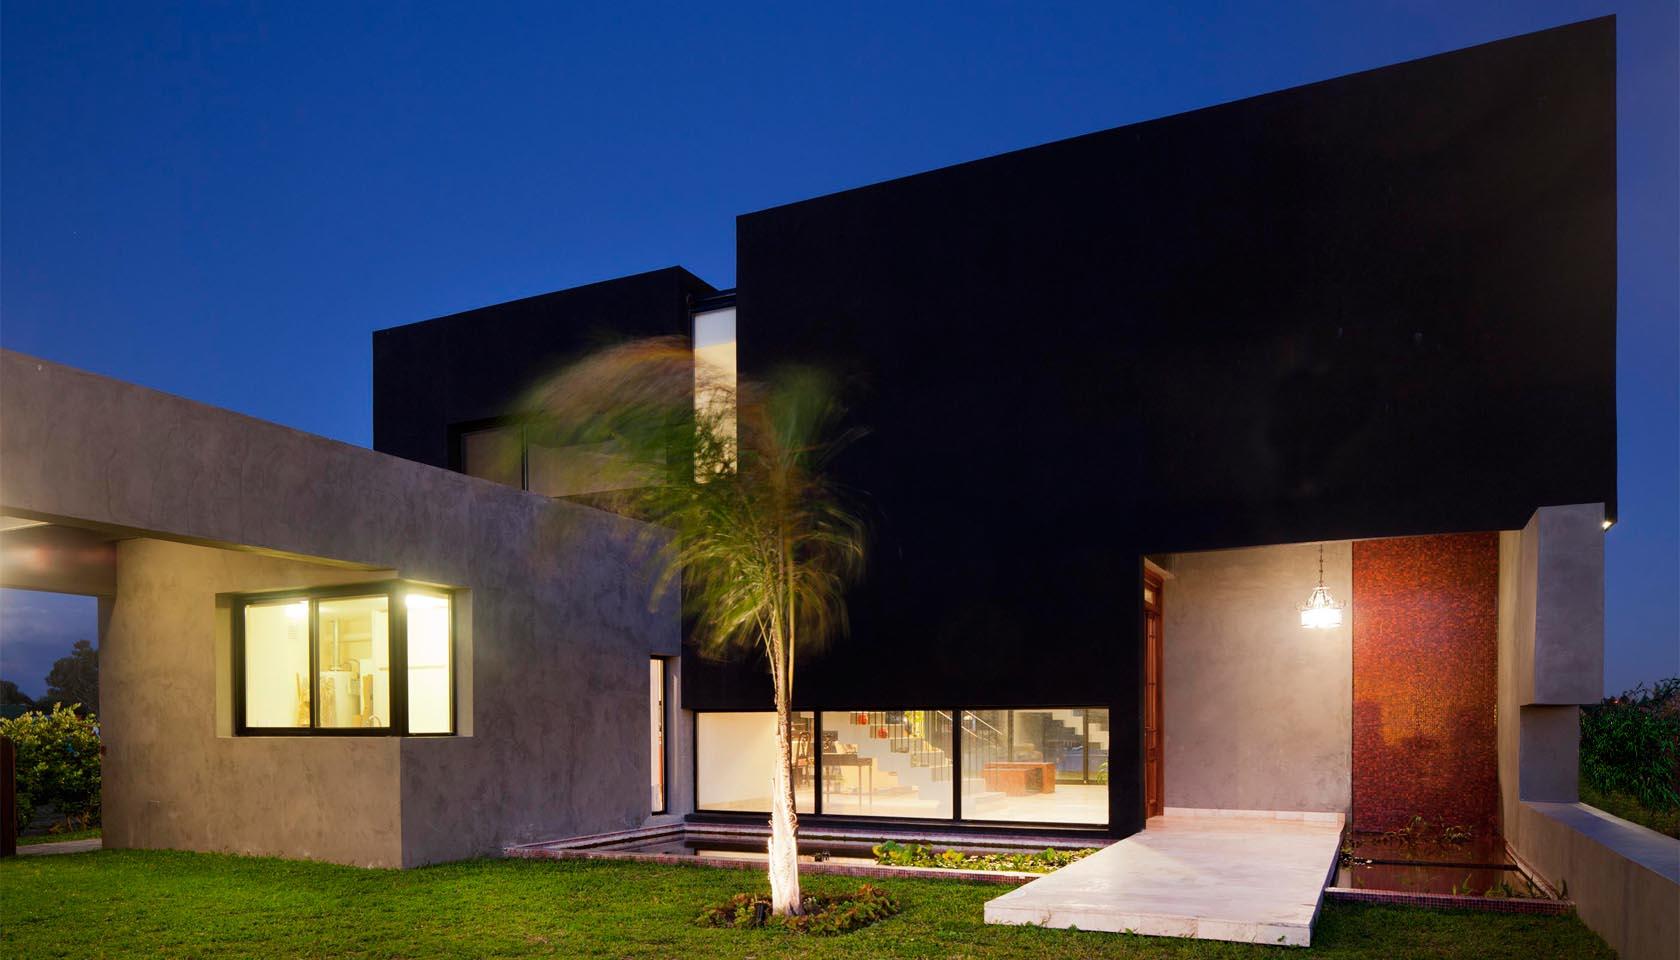 ingresos mágicos en viviendas, casas modernas, casas cálidas, fachadas mexicanas contemporáneas